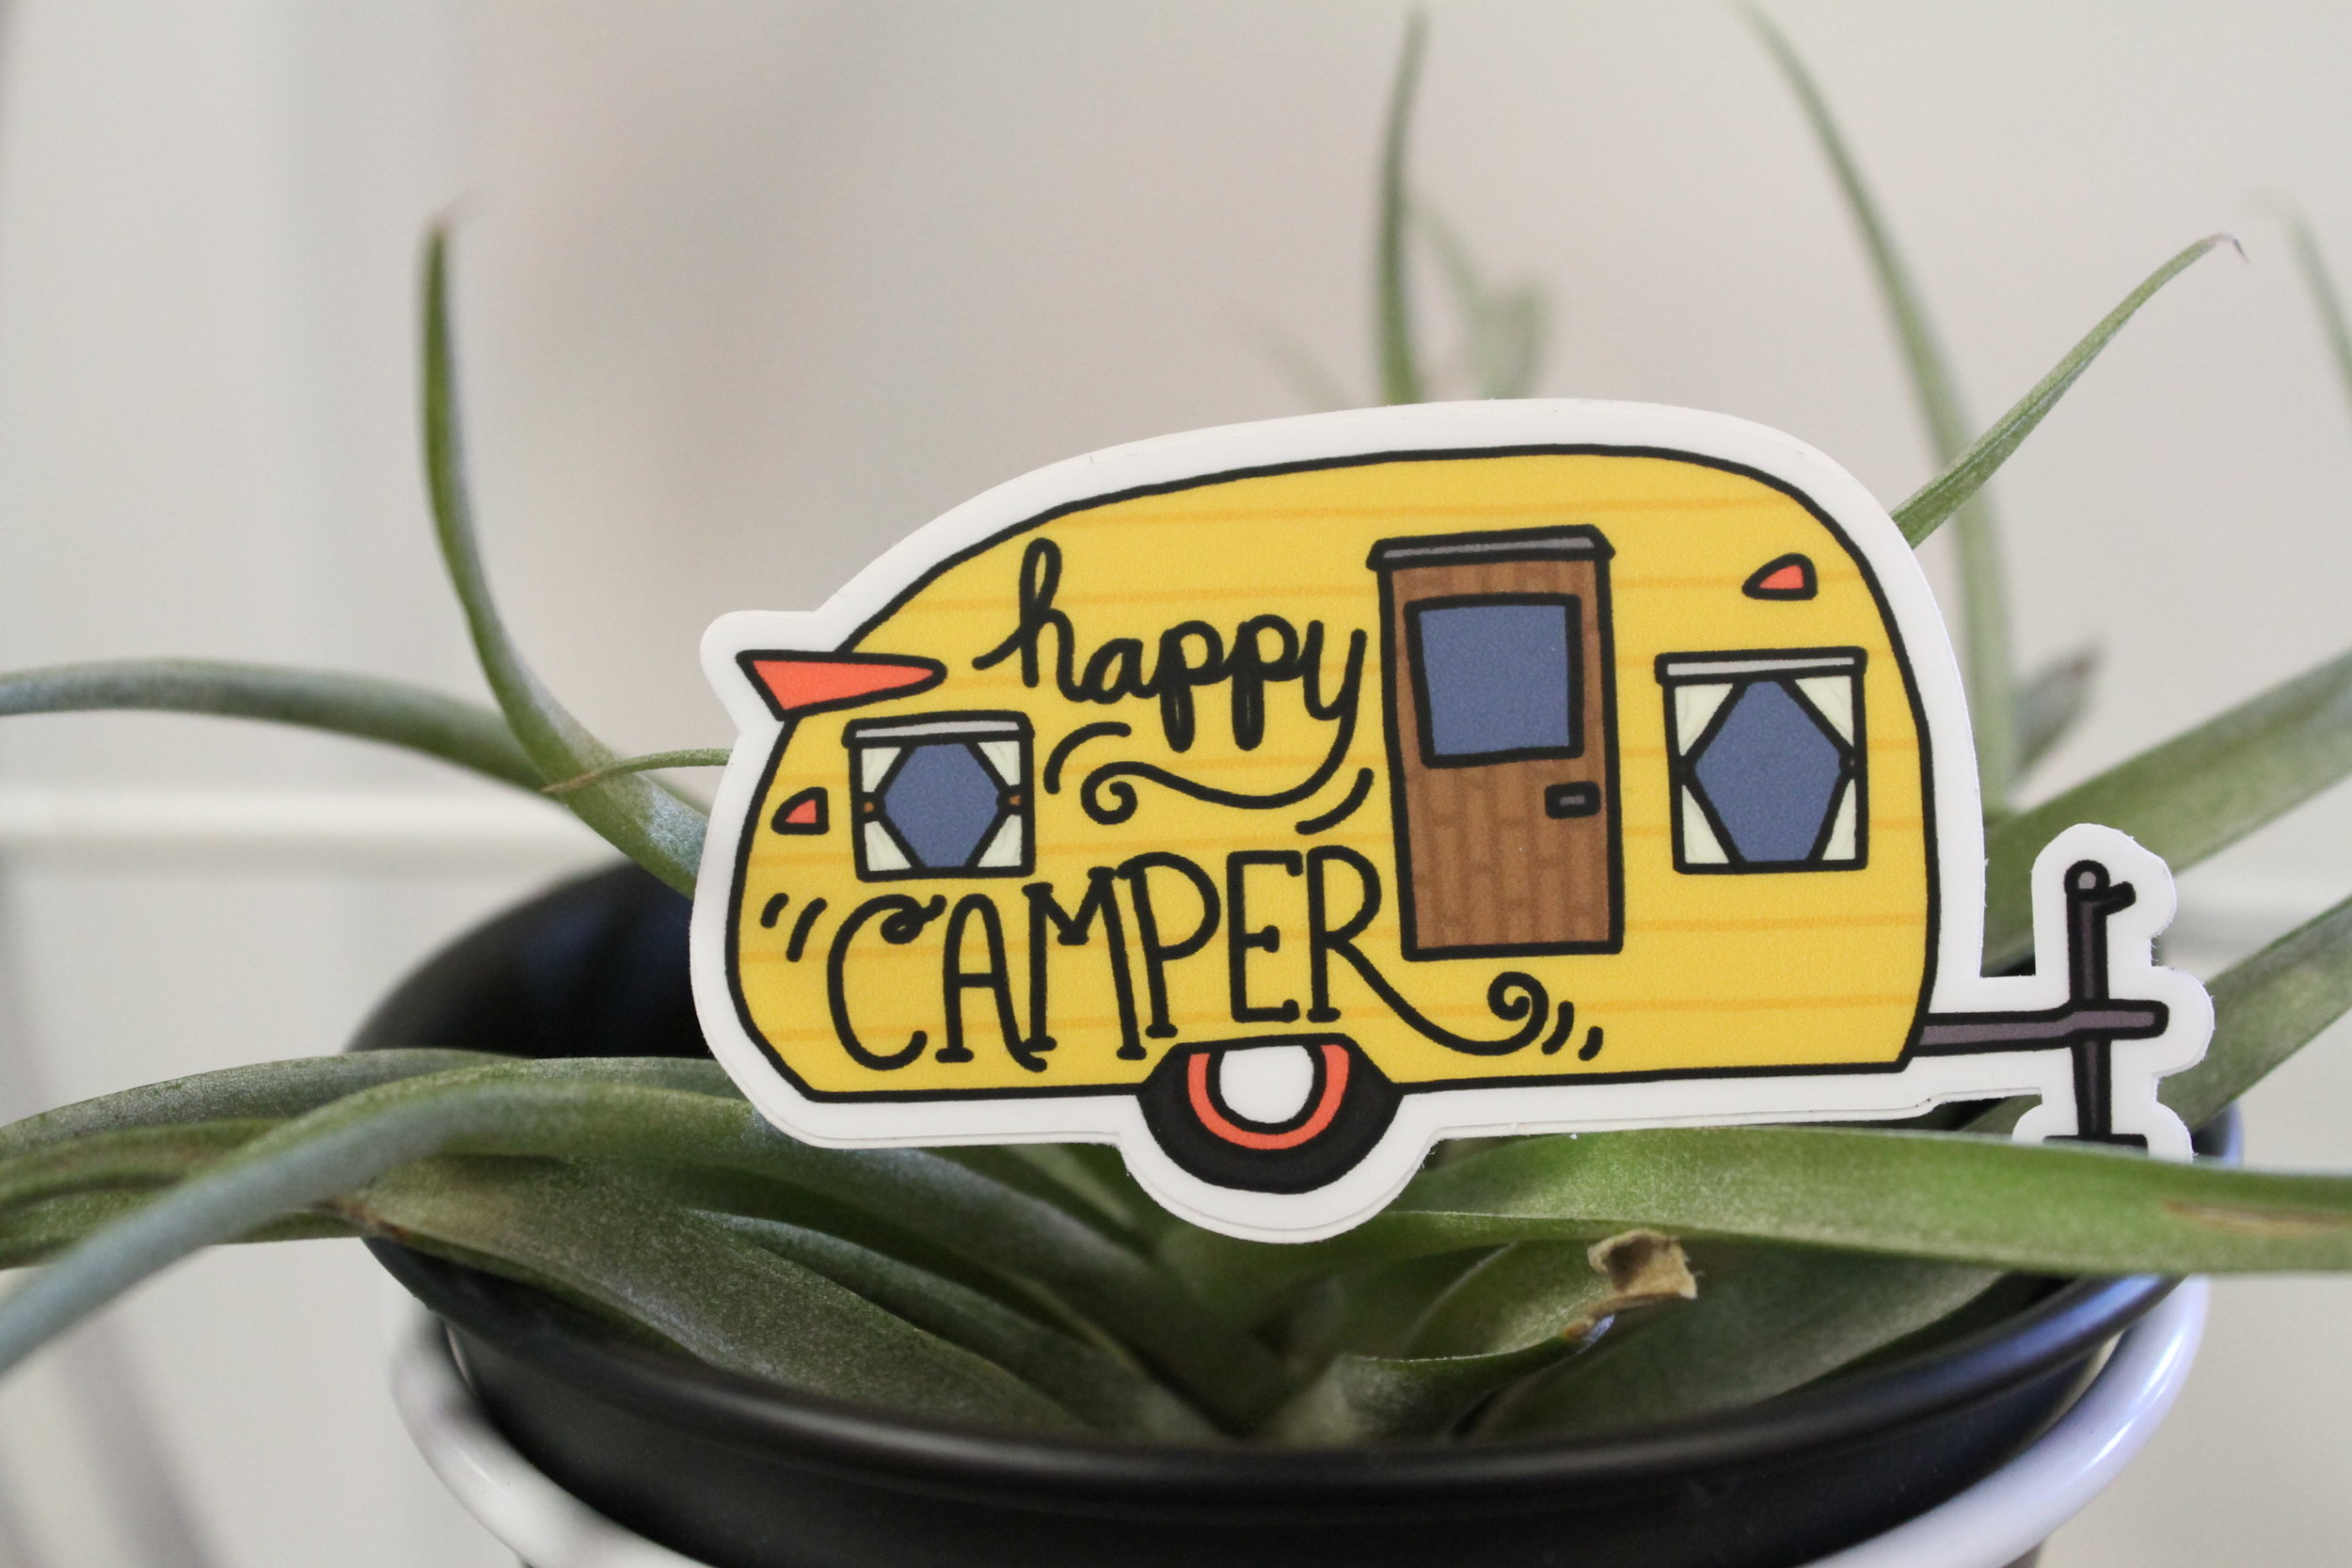 happy camper sticker.jpg